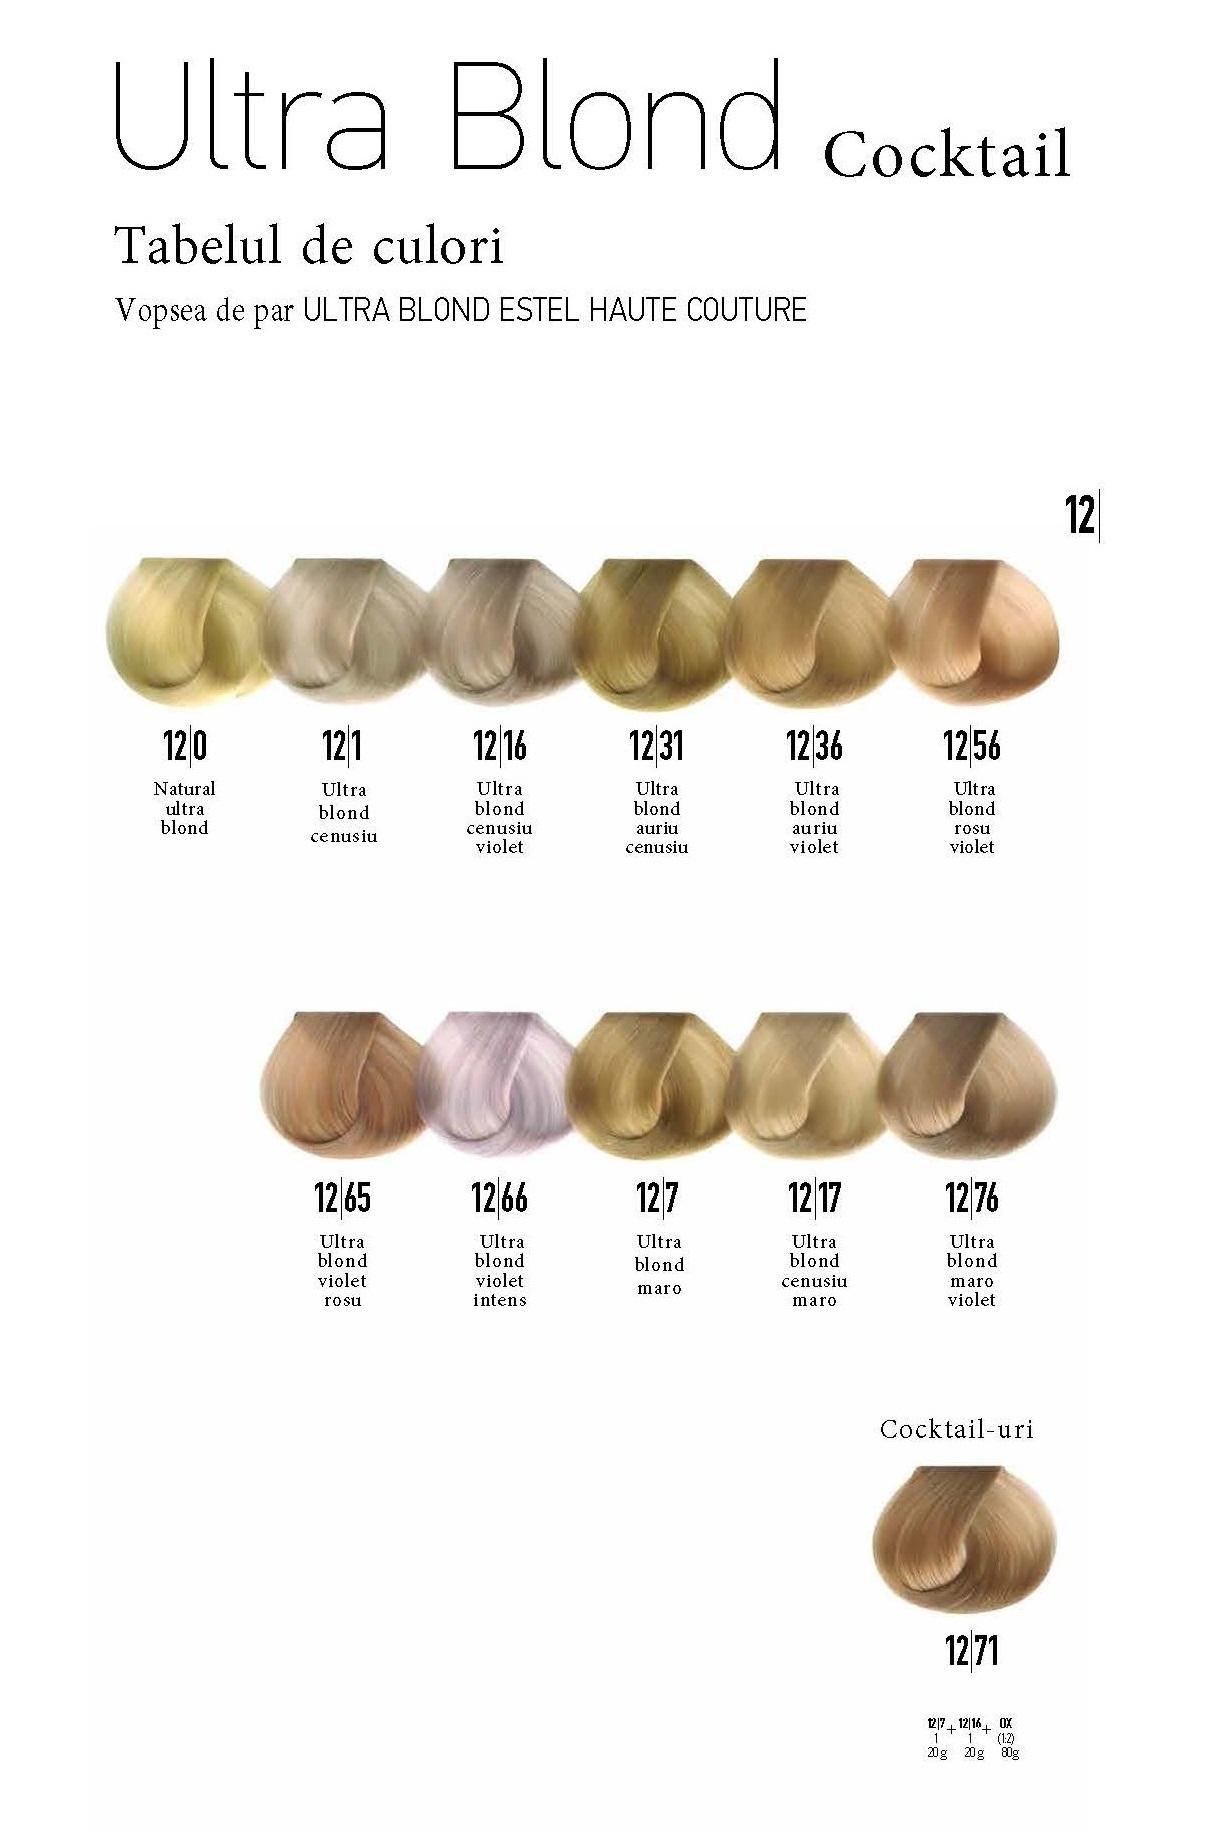 Vopsea permanenta pentru par Haute Couture Ultra Blond 12/76 Ultra blond maro violet 60 ml